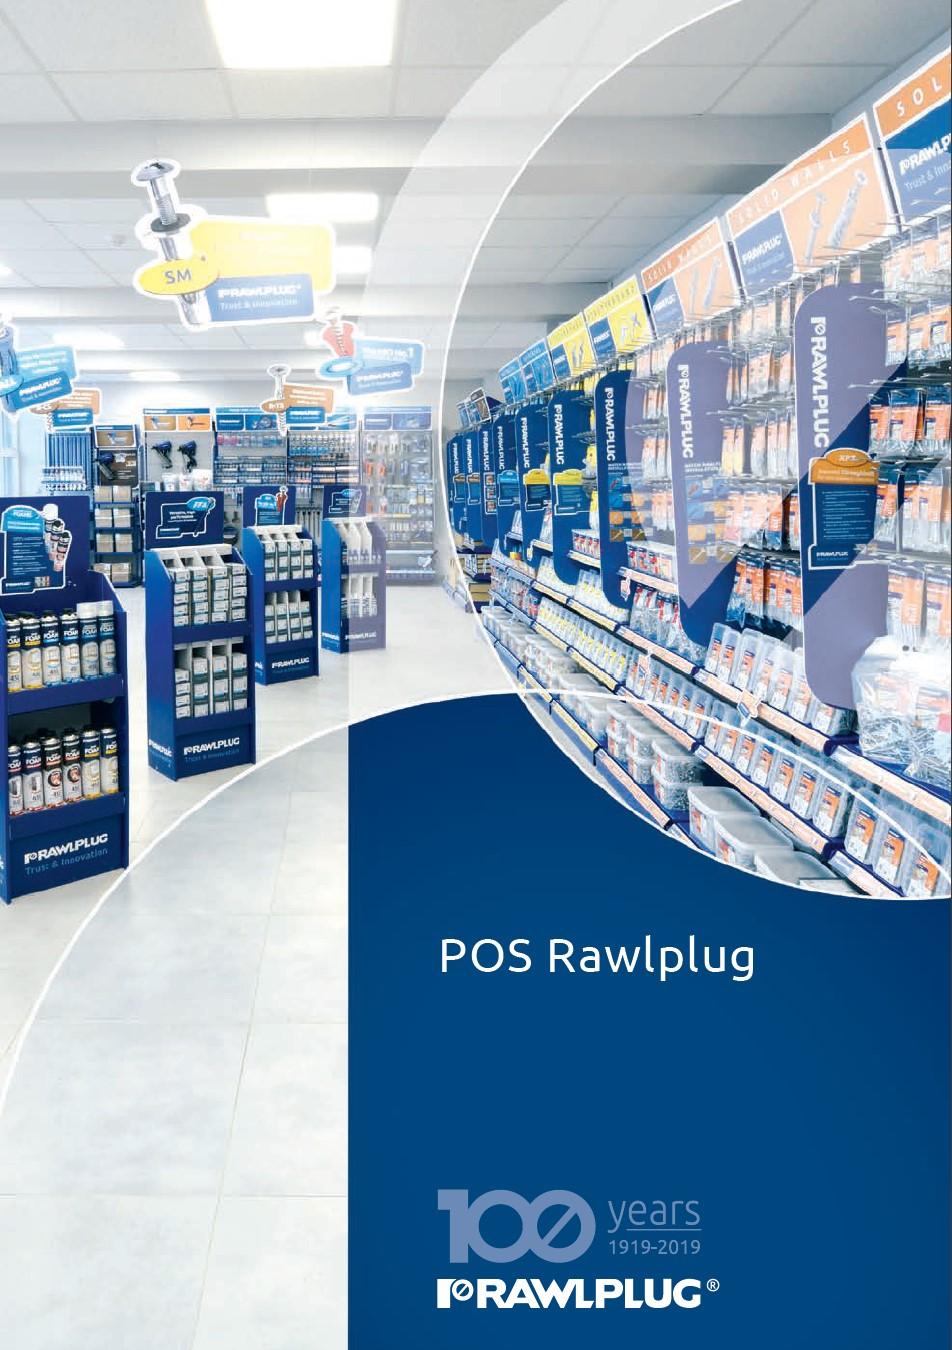 POS Rawlplug Essentials